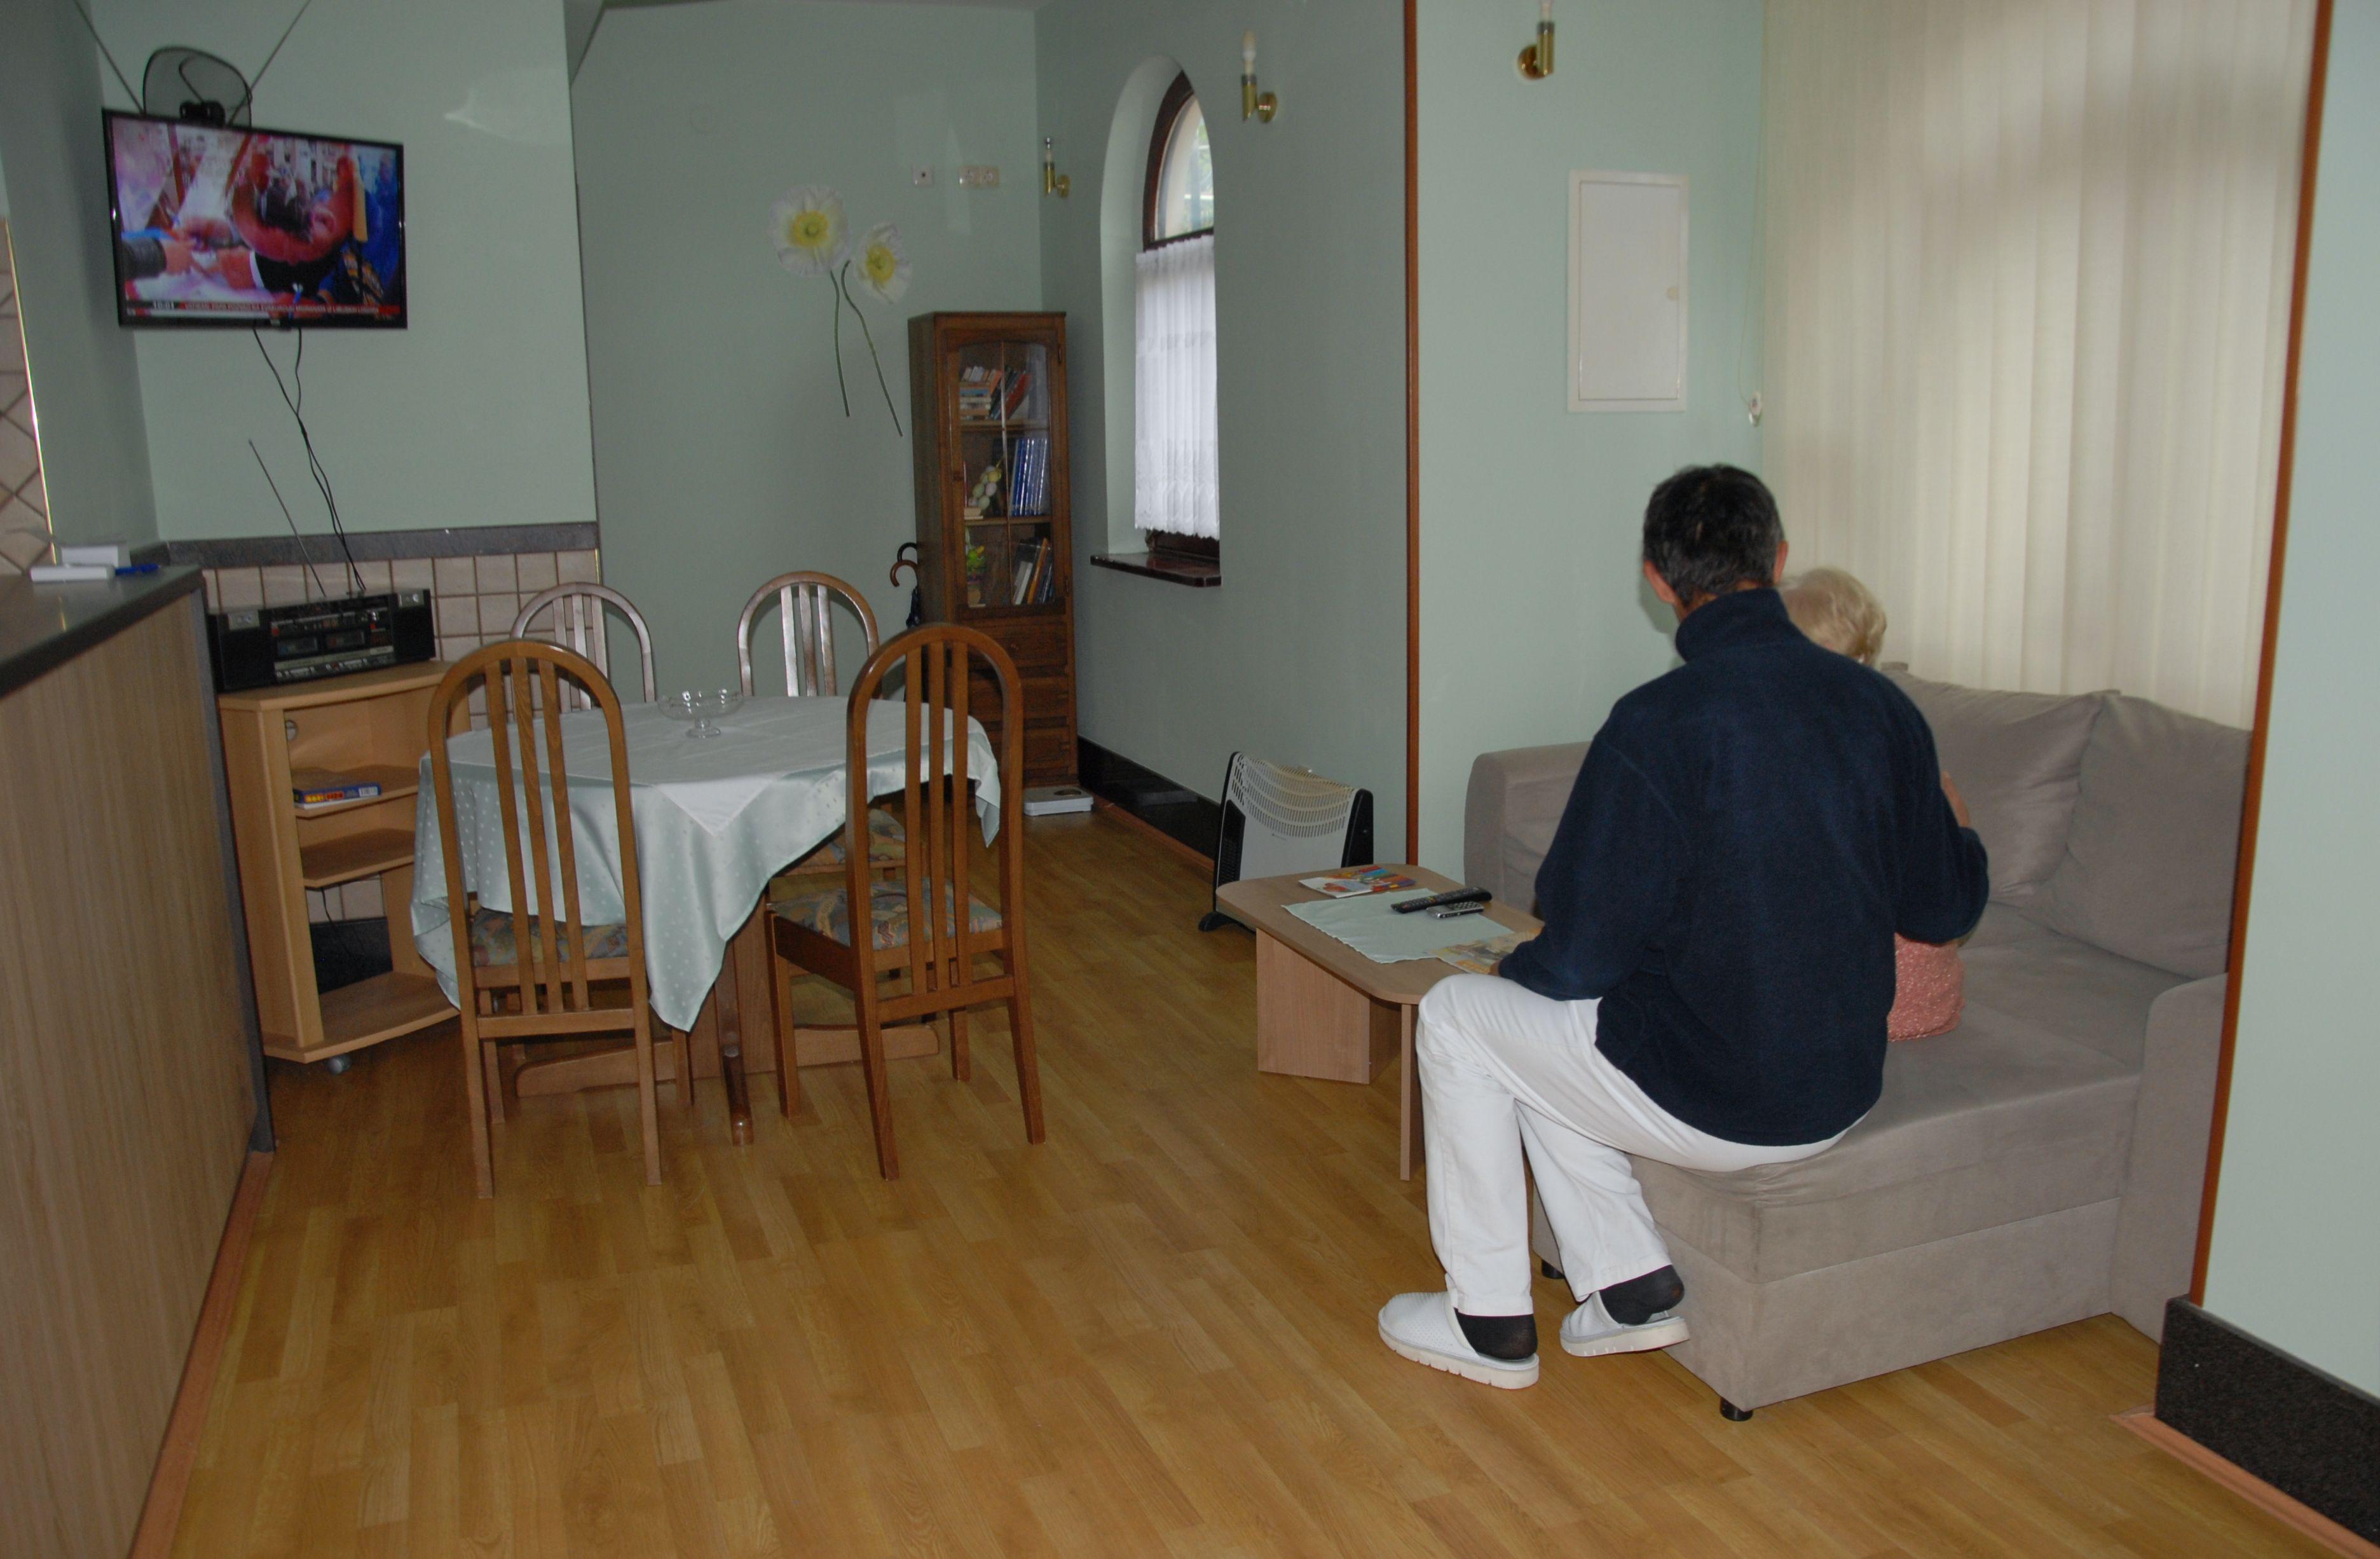 Dnevni boravak jedan je od zajedničkih prostora u Domu / Snimila Nataša CAR